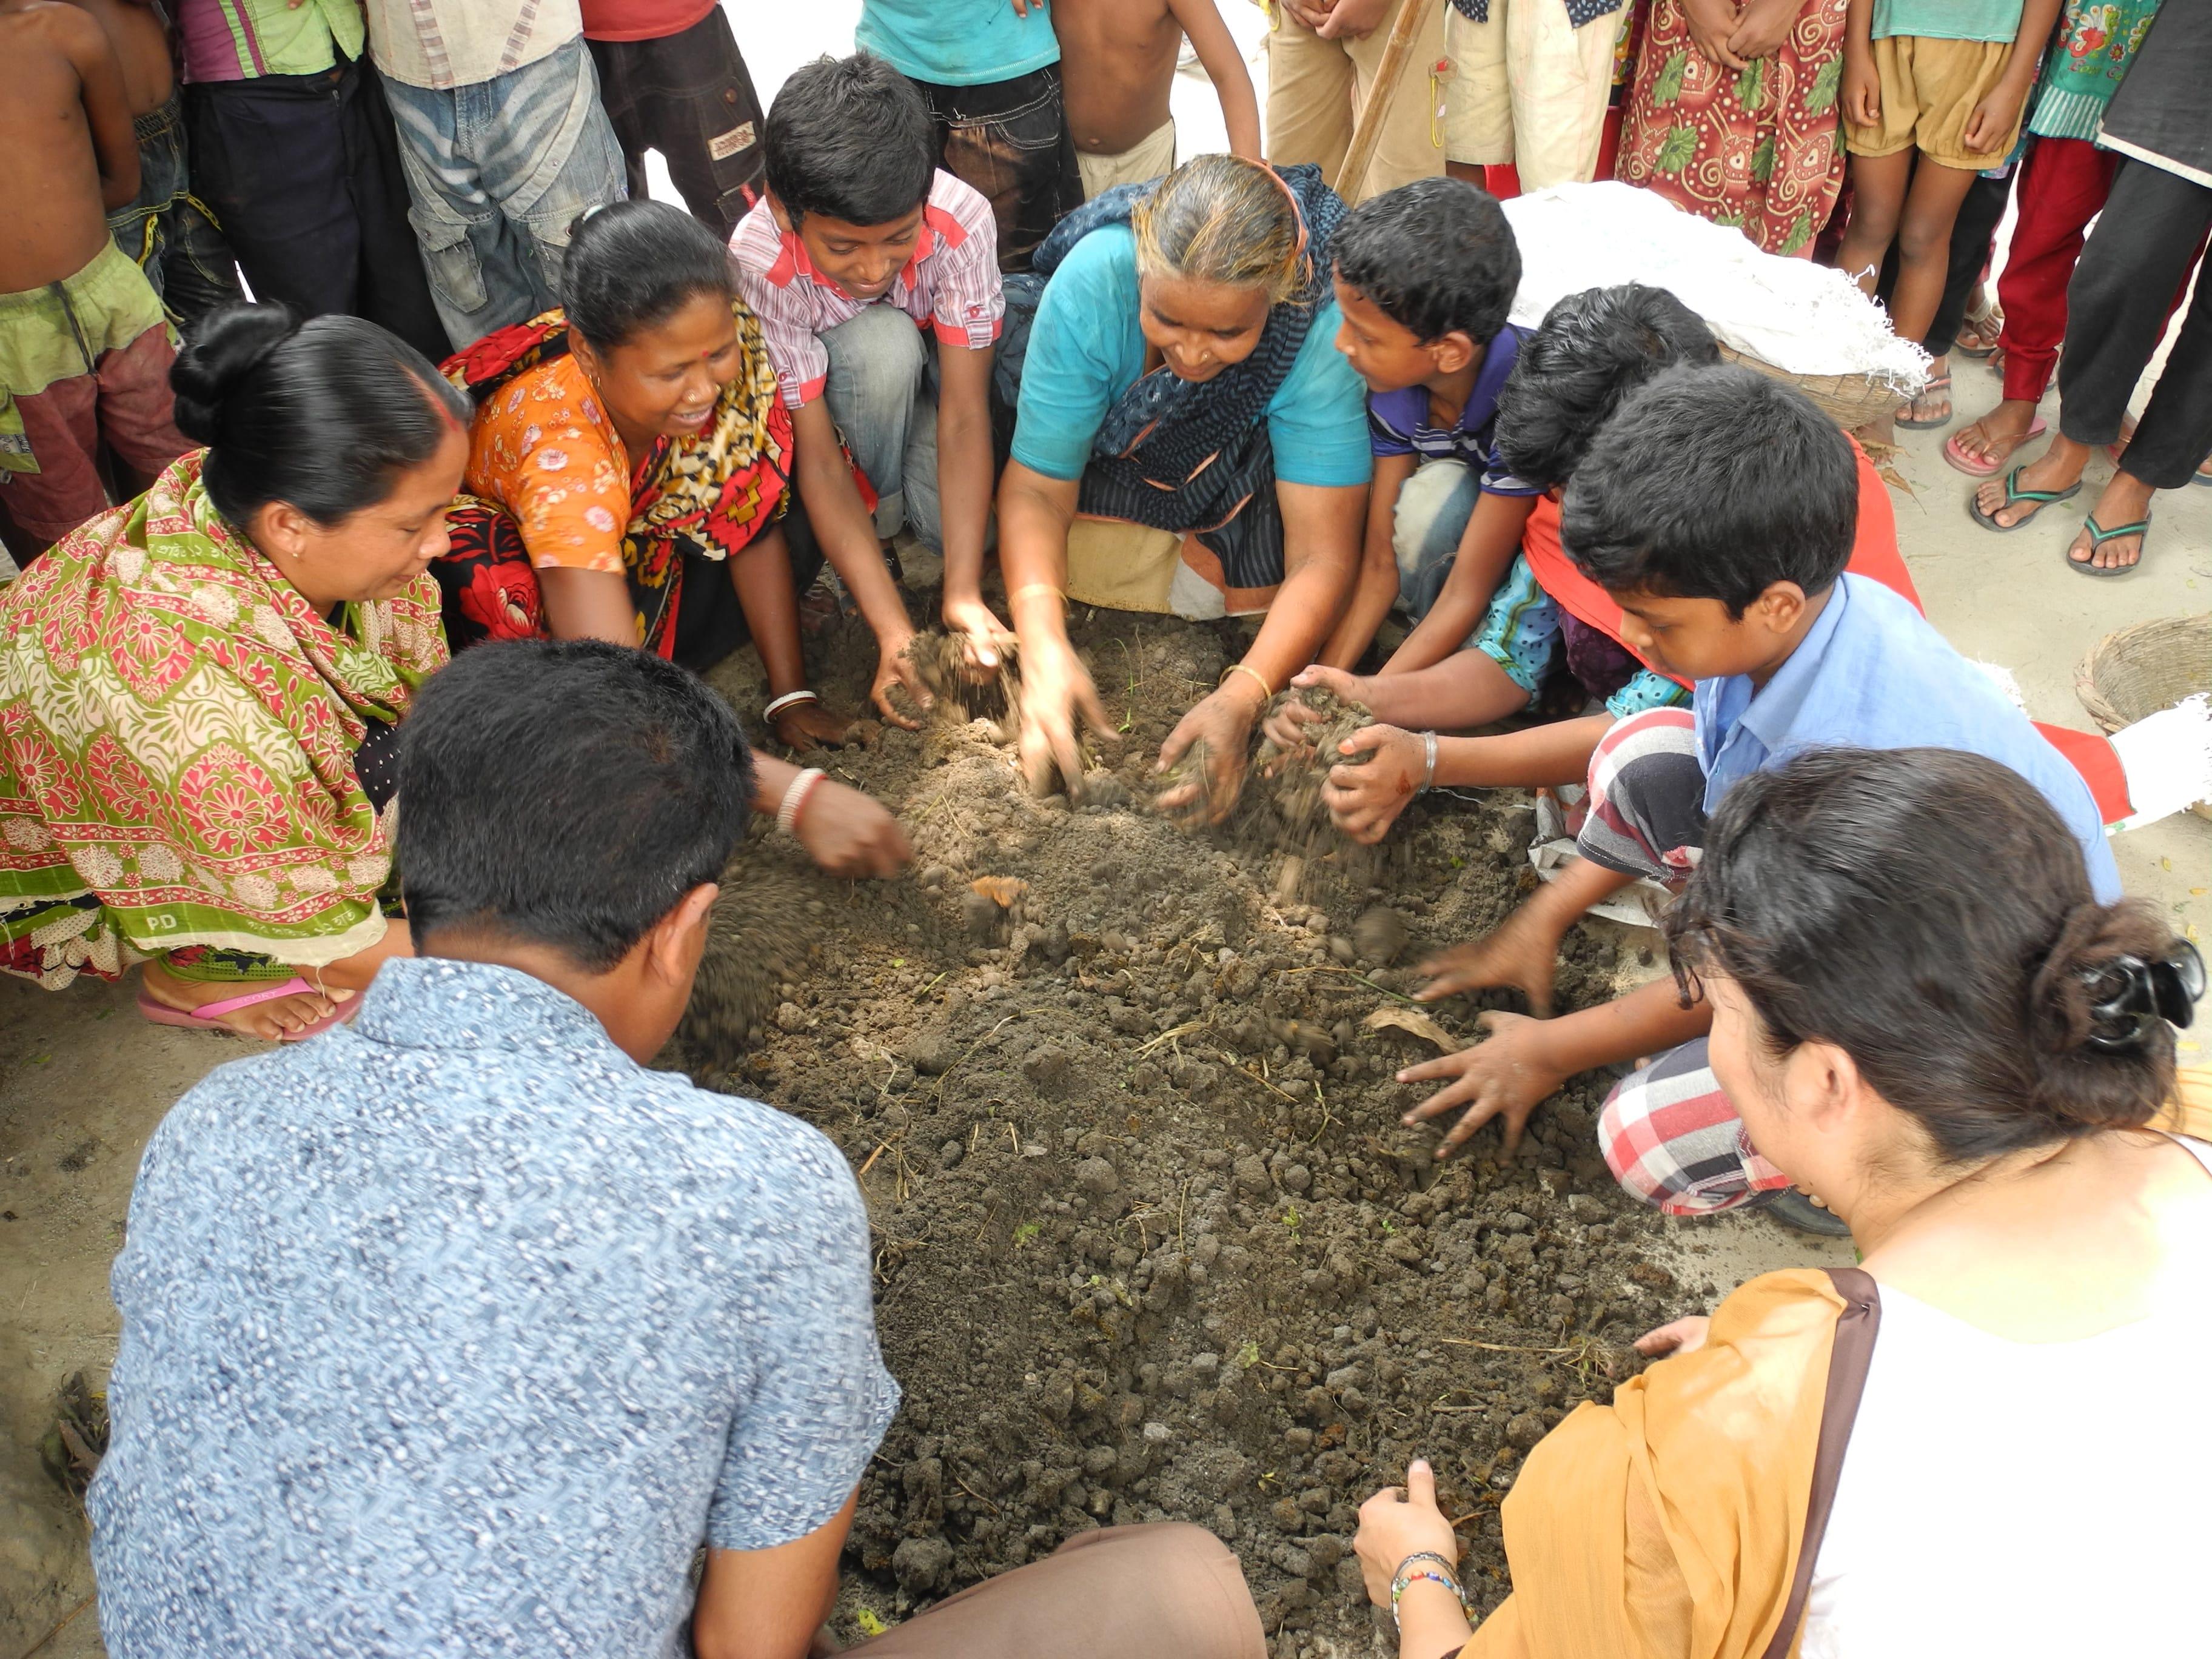 袋で野菜を栽培する方法を教えるワークショップ。土をつくっています(モジャさんは右端、後姿)